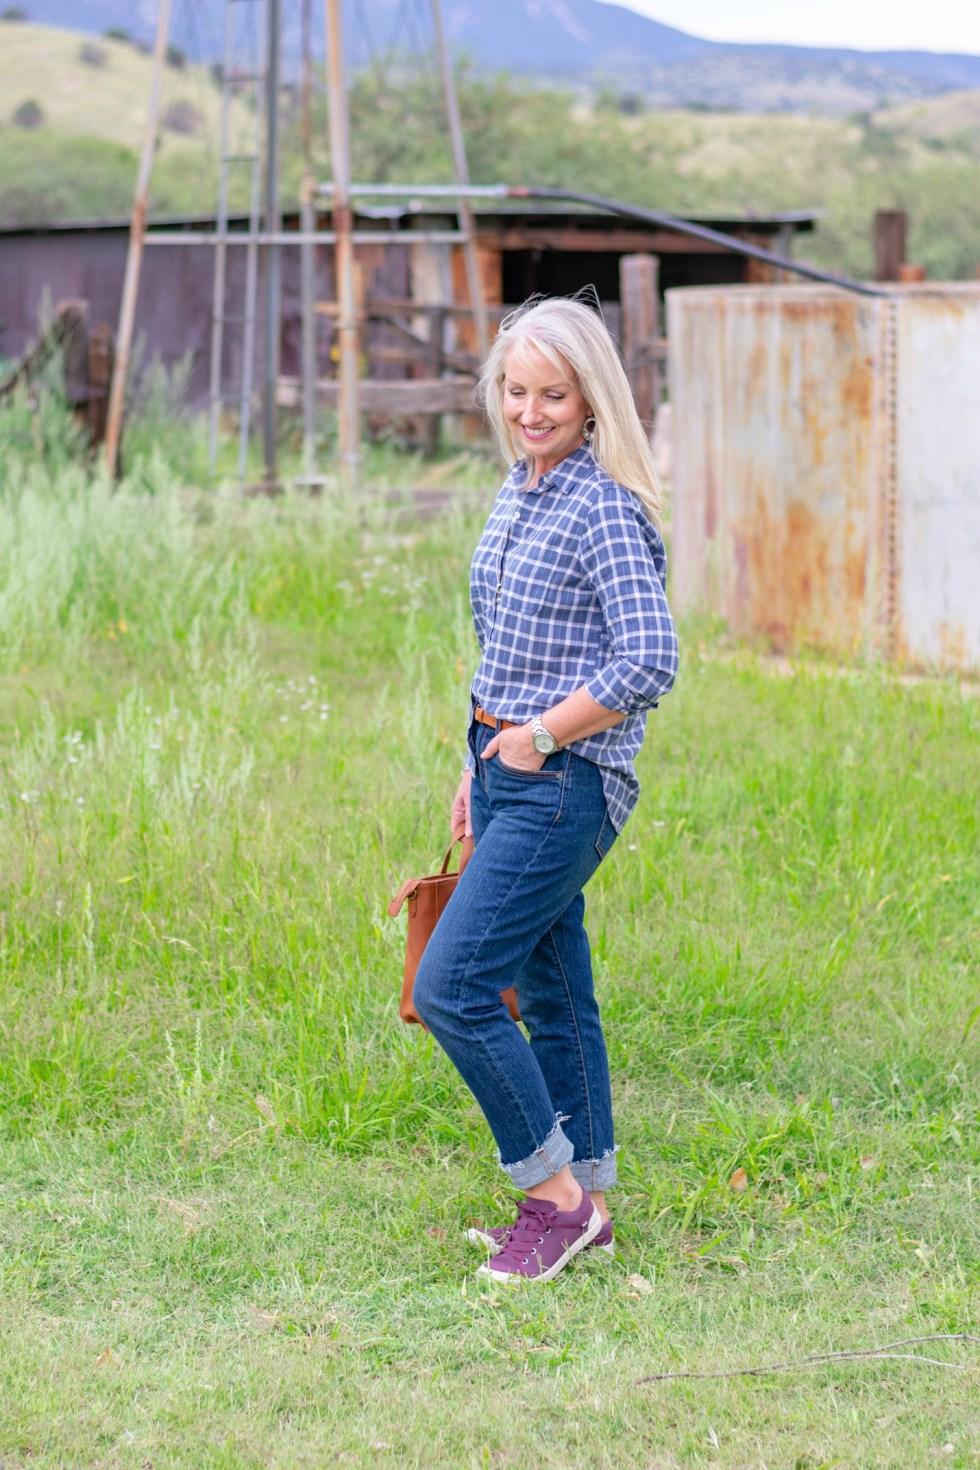 Boyfriend-Jeans-Plaid-Button-Up-Top